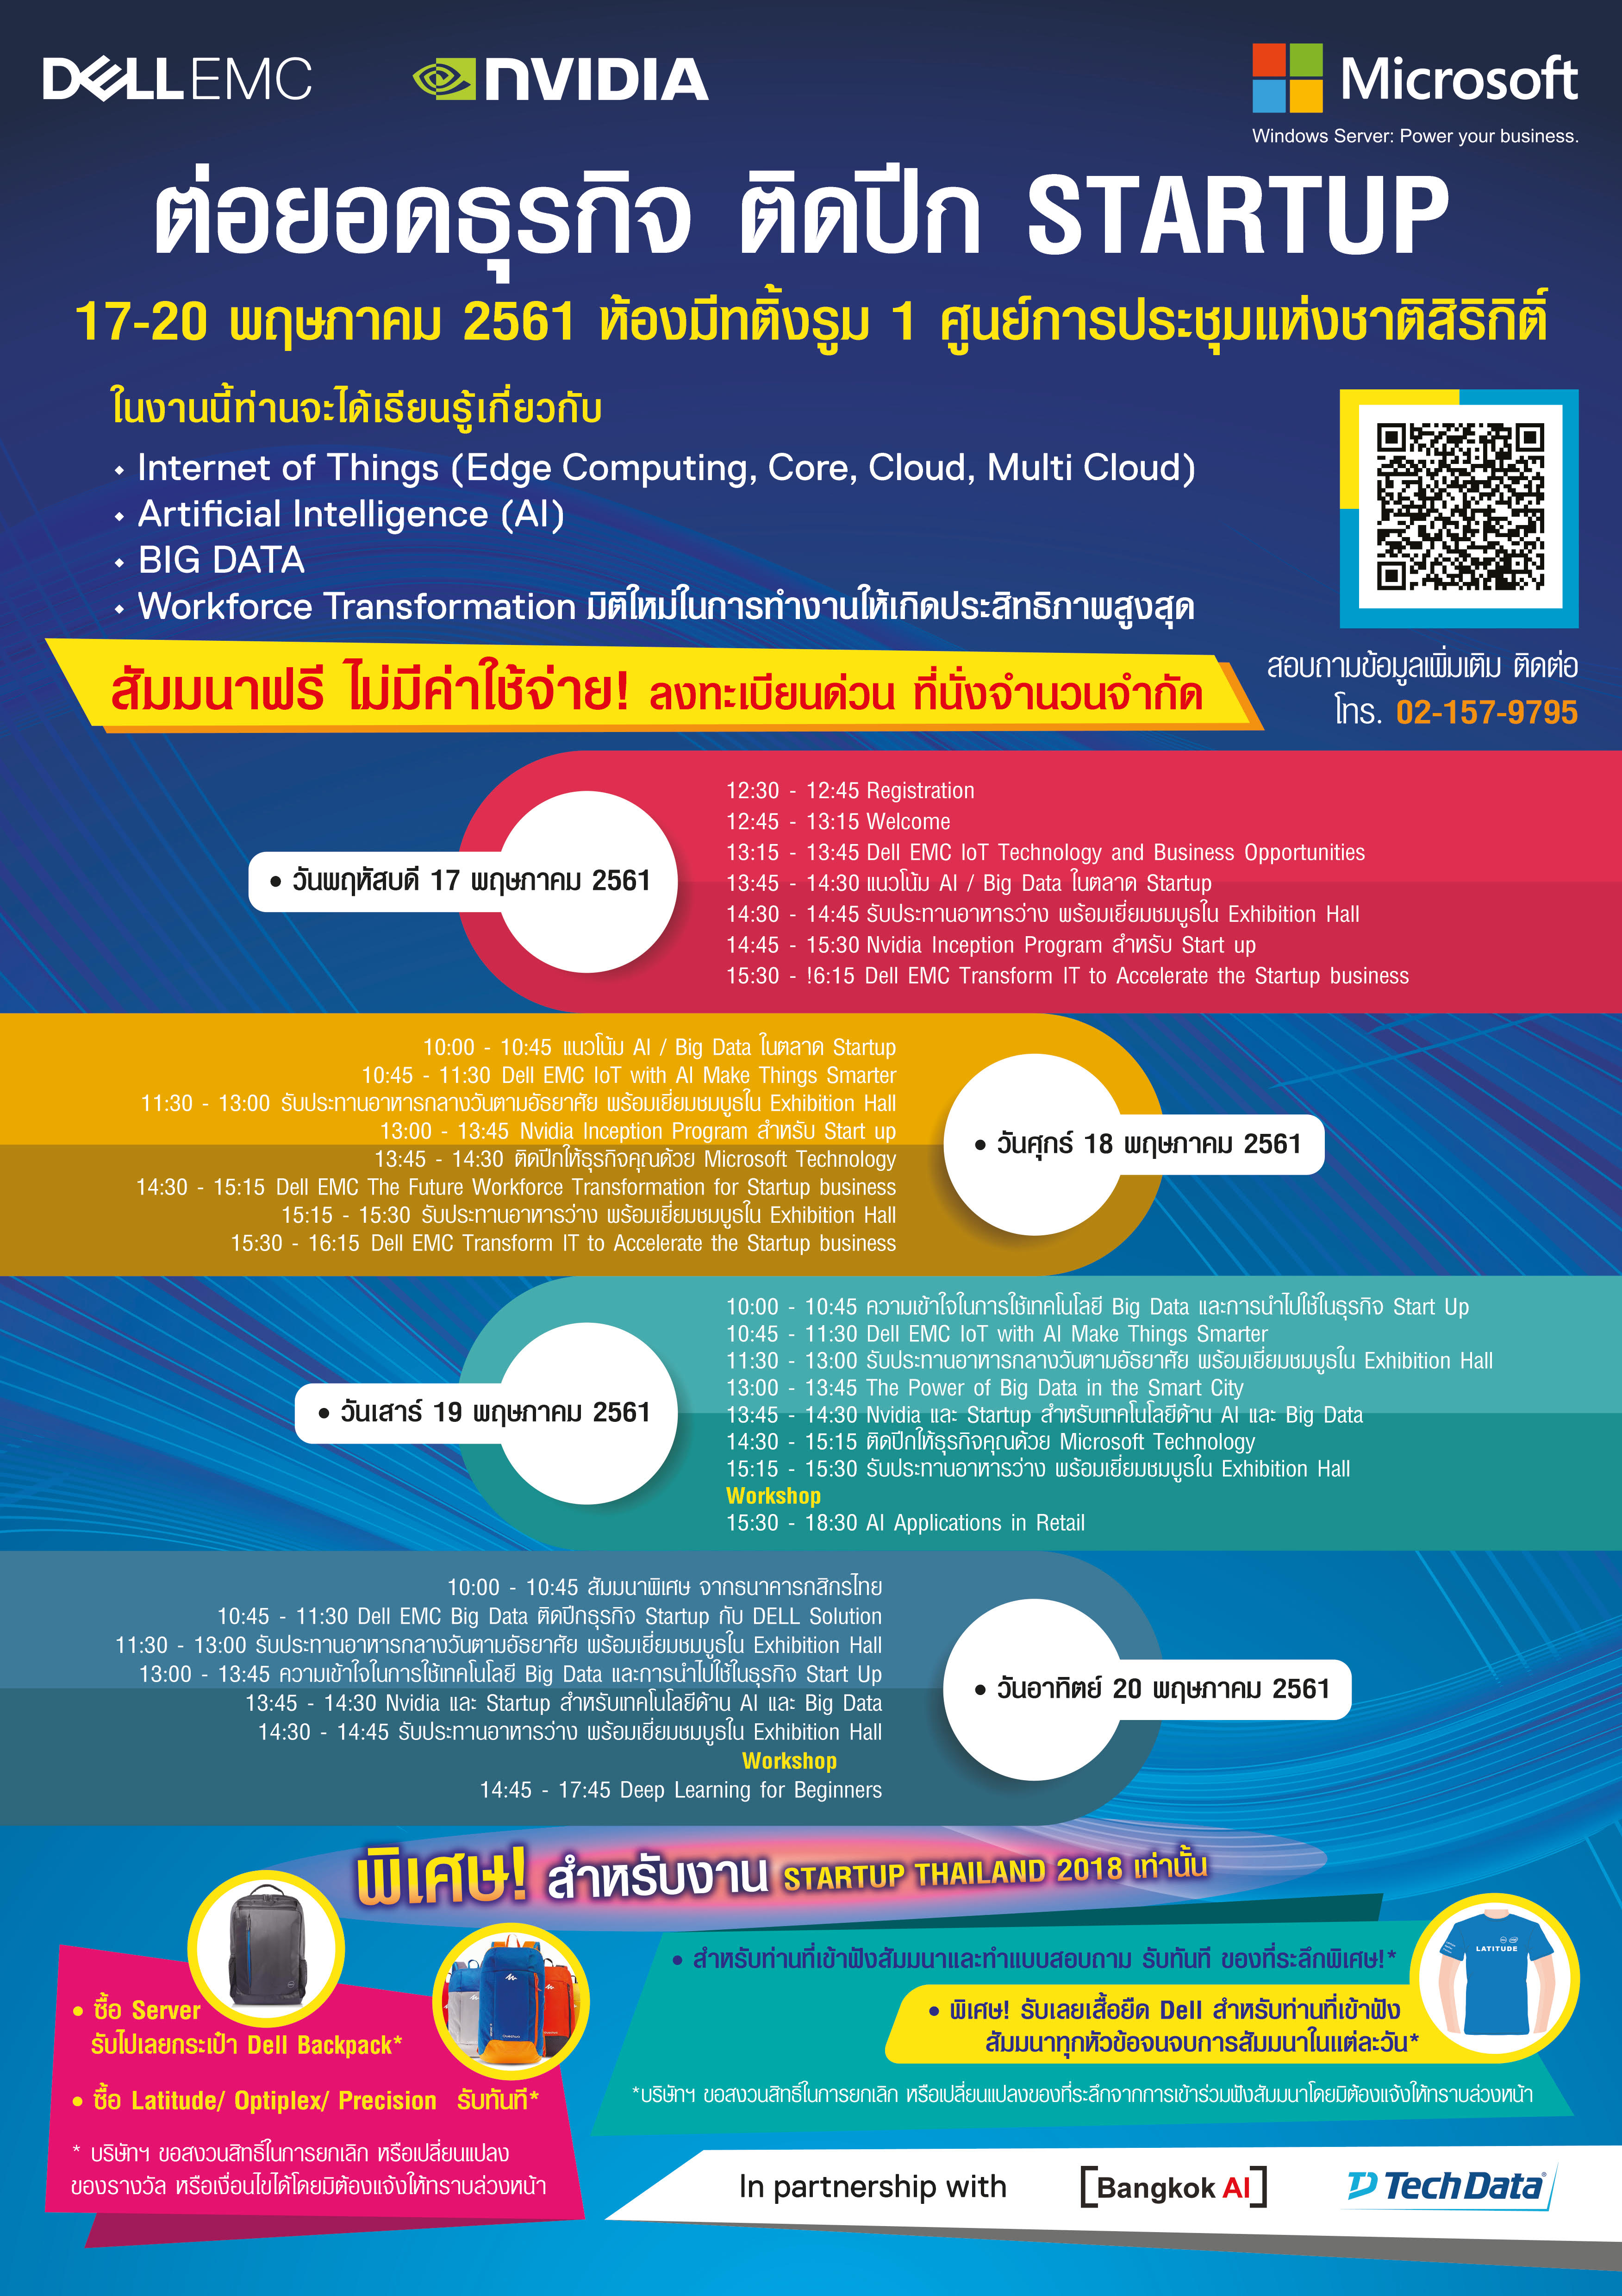 start-up-thailand18-dellemc-5